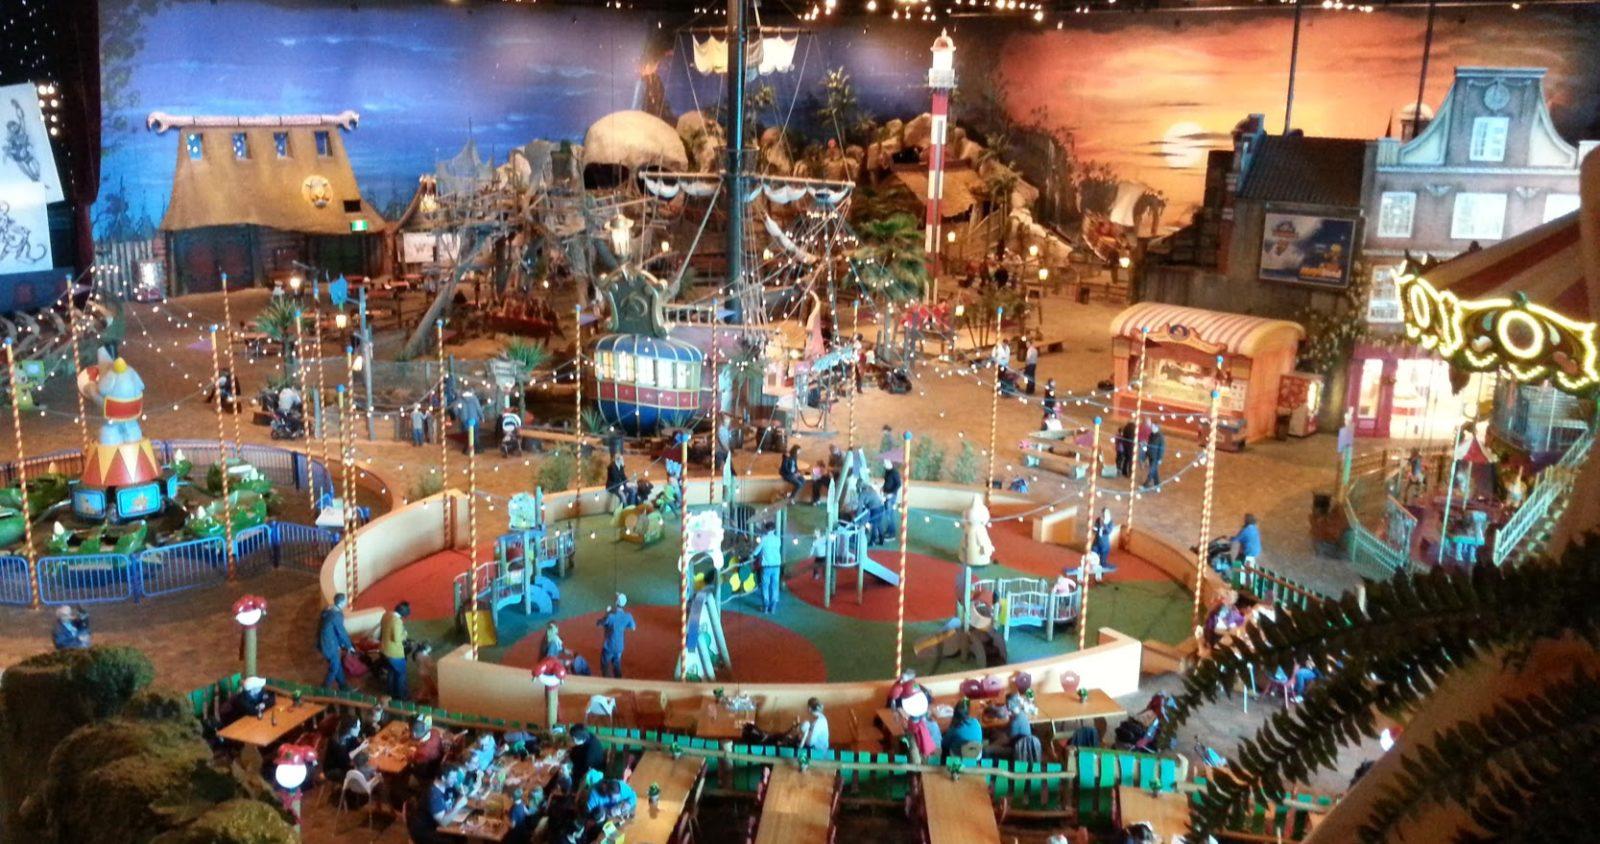 Plopsa Indoor Park